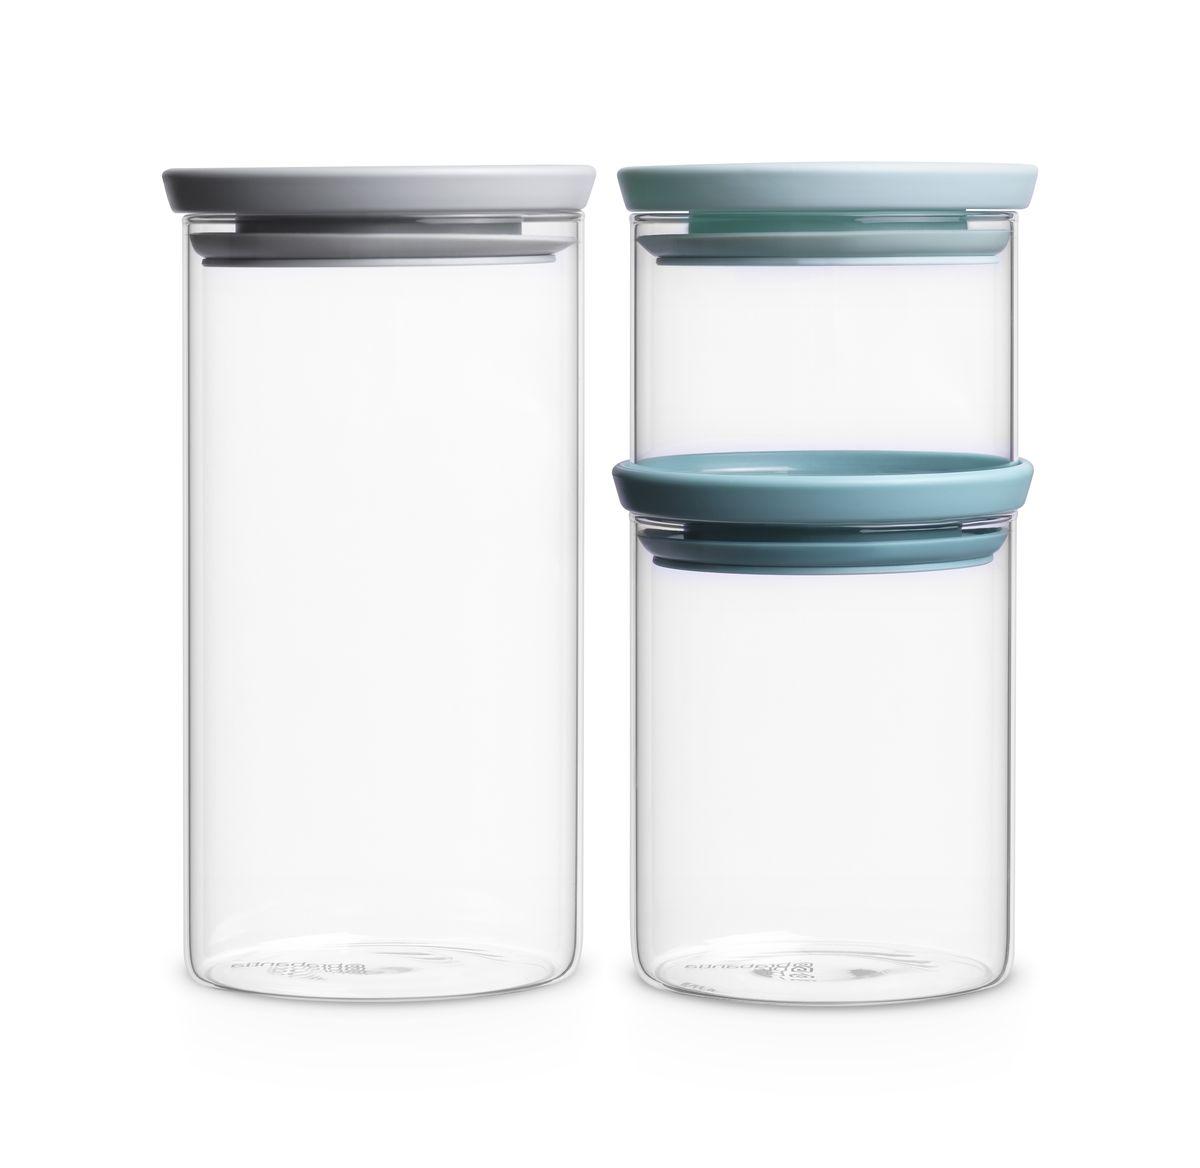 Набор емкостей для сыпучих продуктов Brabantia, 3 штVT-1520(SR)Набор Brabantia, изготовленный из высококачественного стекла, состоит из 3 емкостей для сыпучих продуктов разного объема. Банки прекрасно подойдут для хранения различных сыпучих продуктов: специй, чая, кофе, сахара, круп и многого другого. Емкости надежно закрываются пластиковыми крышками, которые снабжены силиконовыми уплотнителями для лучшей фиксации. Благодаря этому они будут дольше сохранять свежесть ваших продуктов.Функциональные и вместительные, такие емкости станут незаменимыми аксессуарами на любой кухне. Можно мыть в посудомоечной машине.Литраж банок: 0,3 л, 0,6 л, 1,1 л.